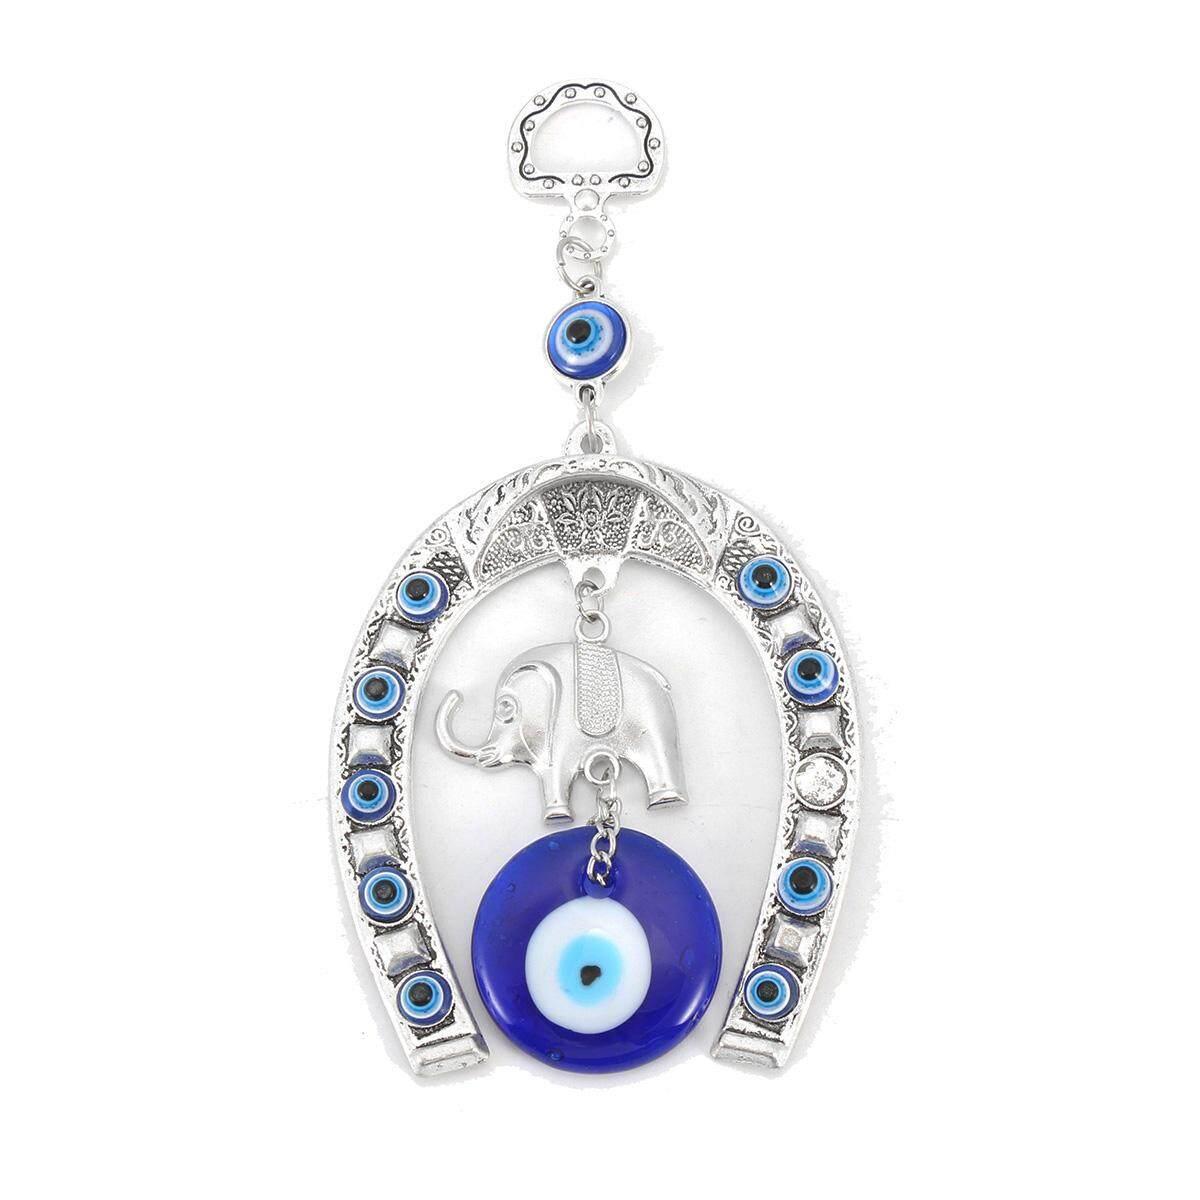 Turkish Blue Evil Eye Horseshoe With Elephant And Ribbon Wall Hanging Amulet By Moonbeam.